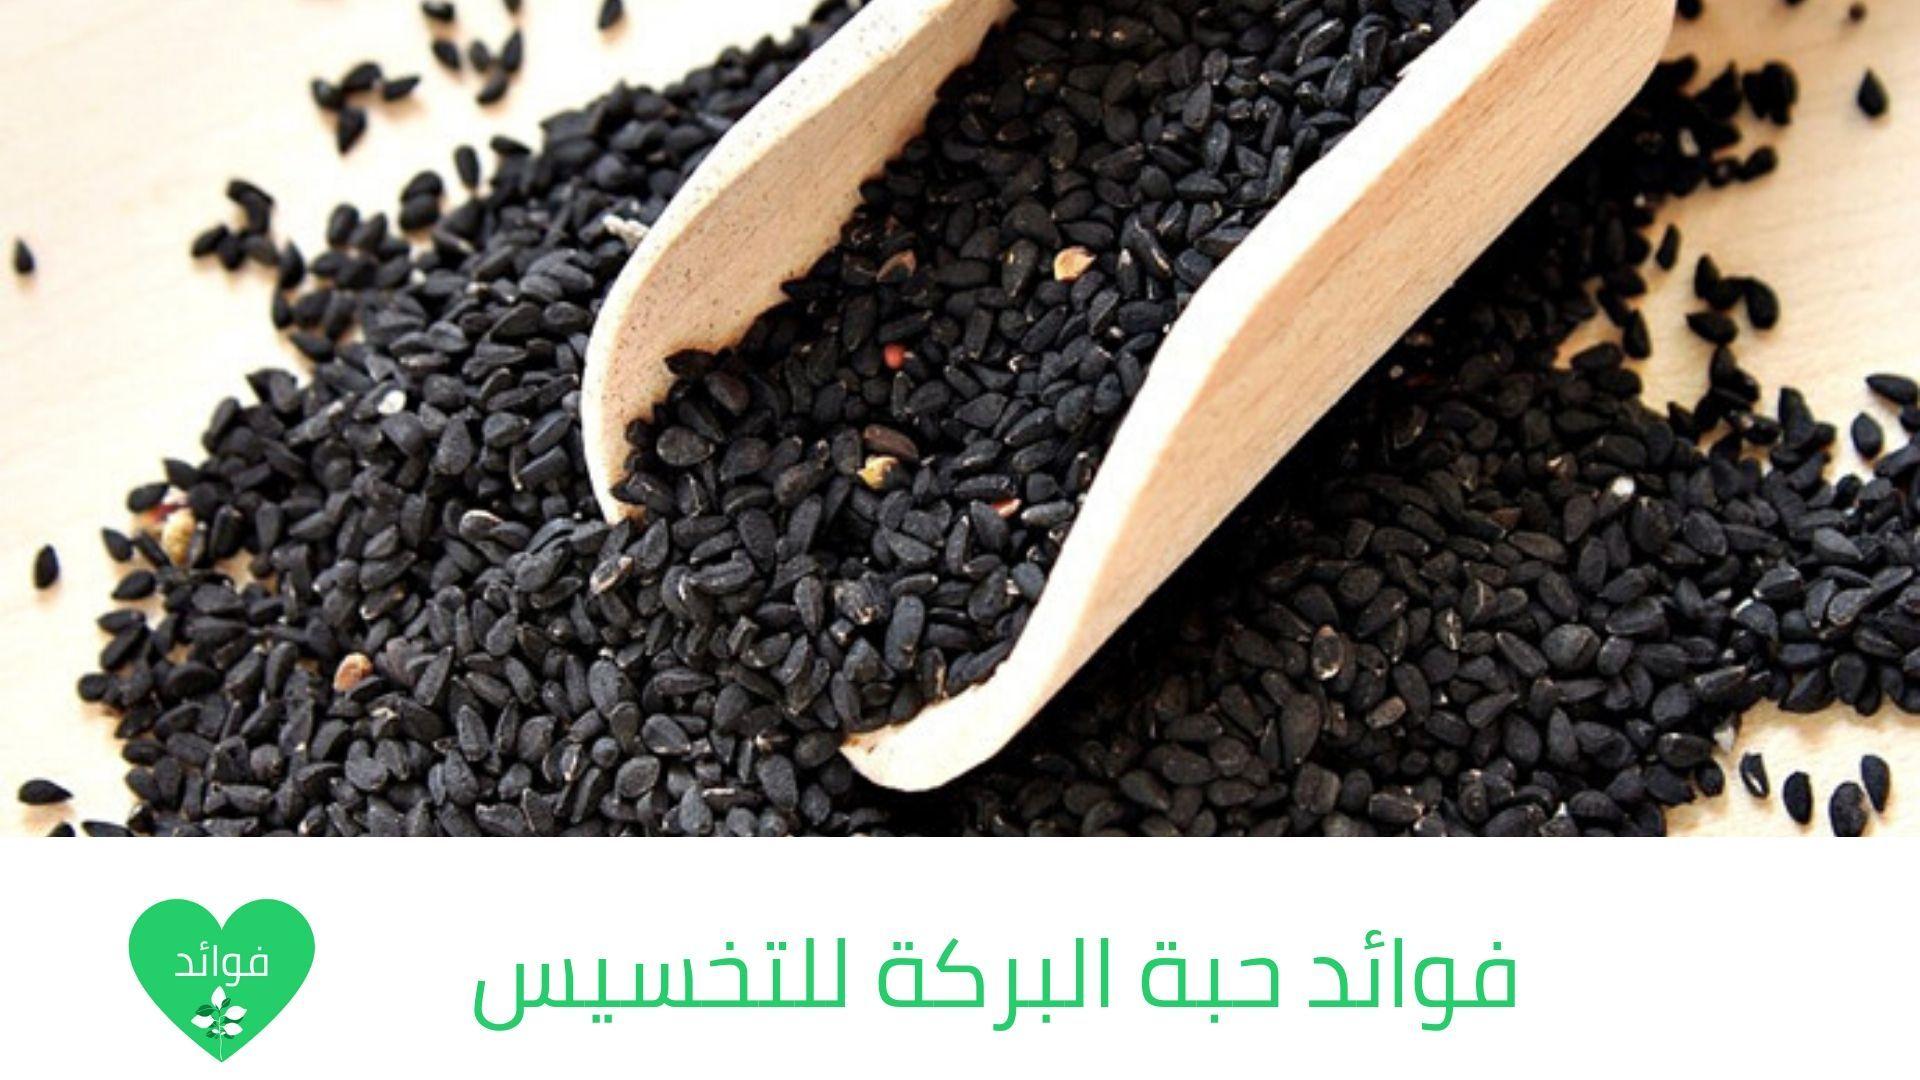 فوائد حبة البركة للتخسيس الحبة السوداء وتأثيرها المدهش علي رشاقتك Black Peppercorn Food Peppercorn